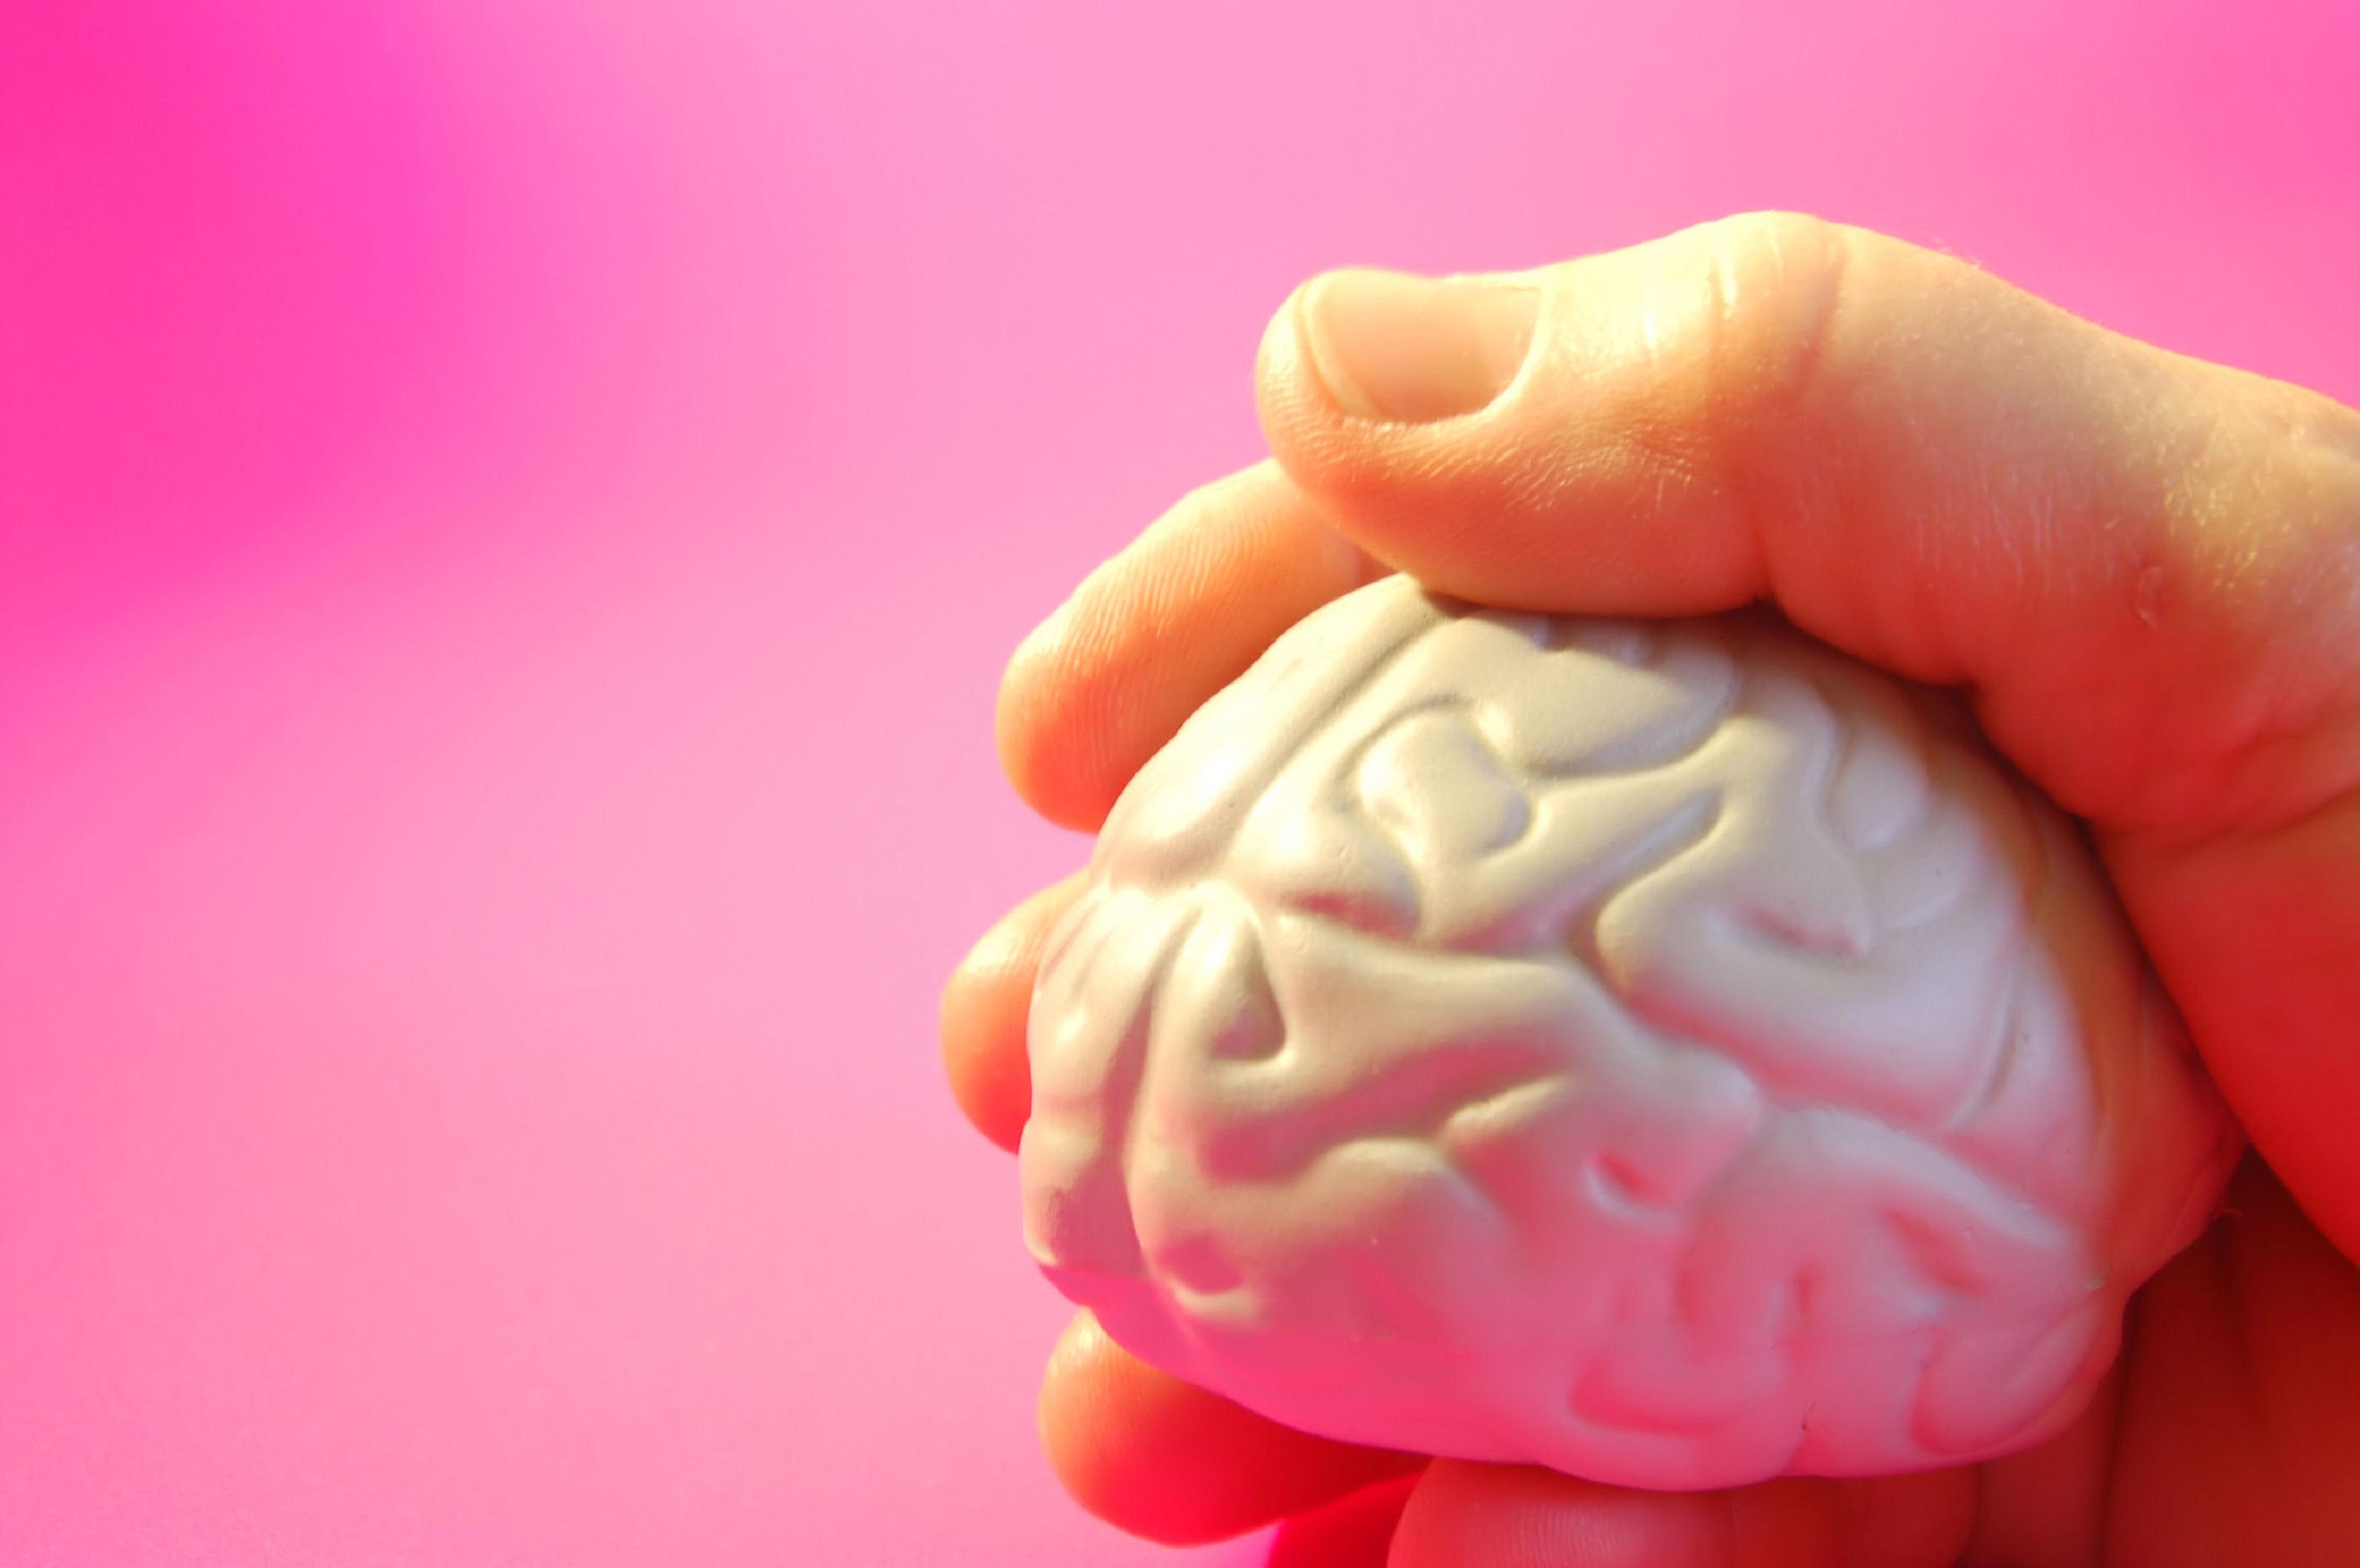 El cerebro de los jóvenes antisociales tiene menos materia gris. Imagen: Julia Freeman-Woolpert. Fuente: Free Images.